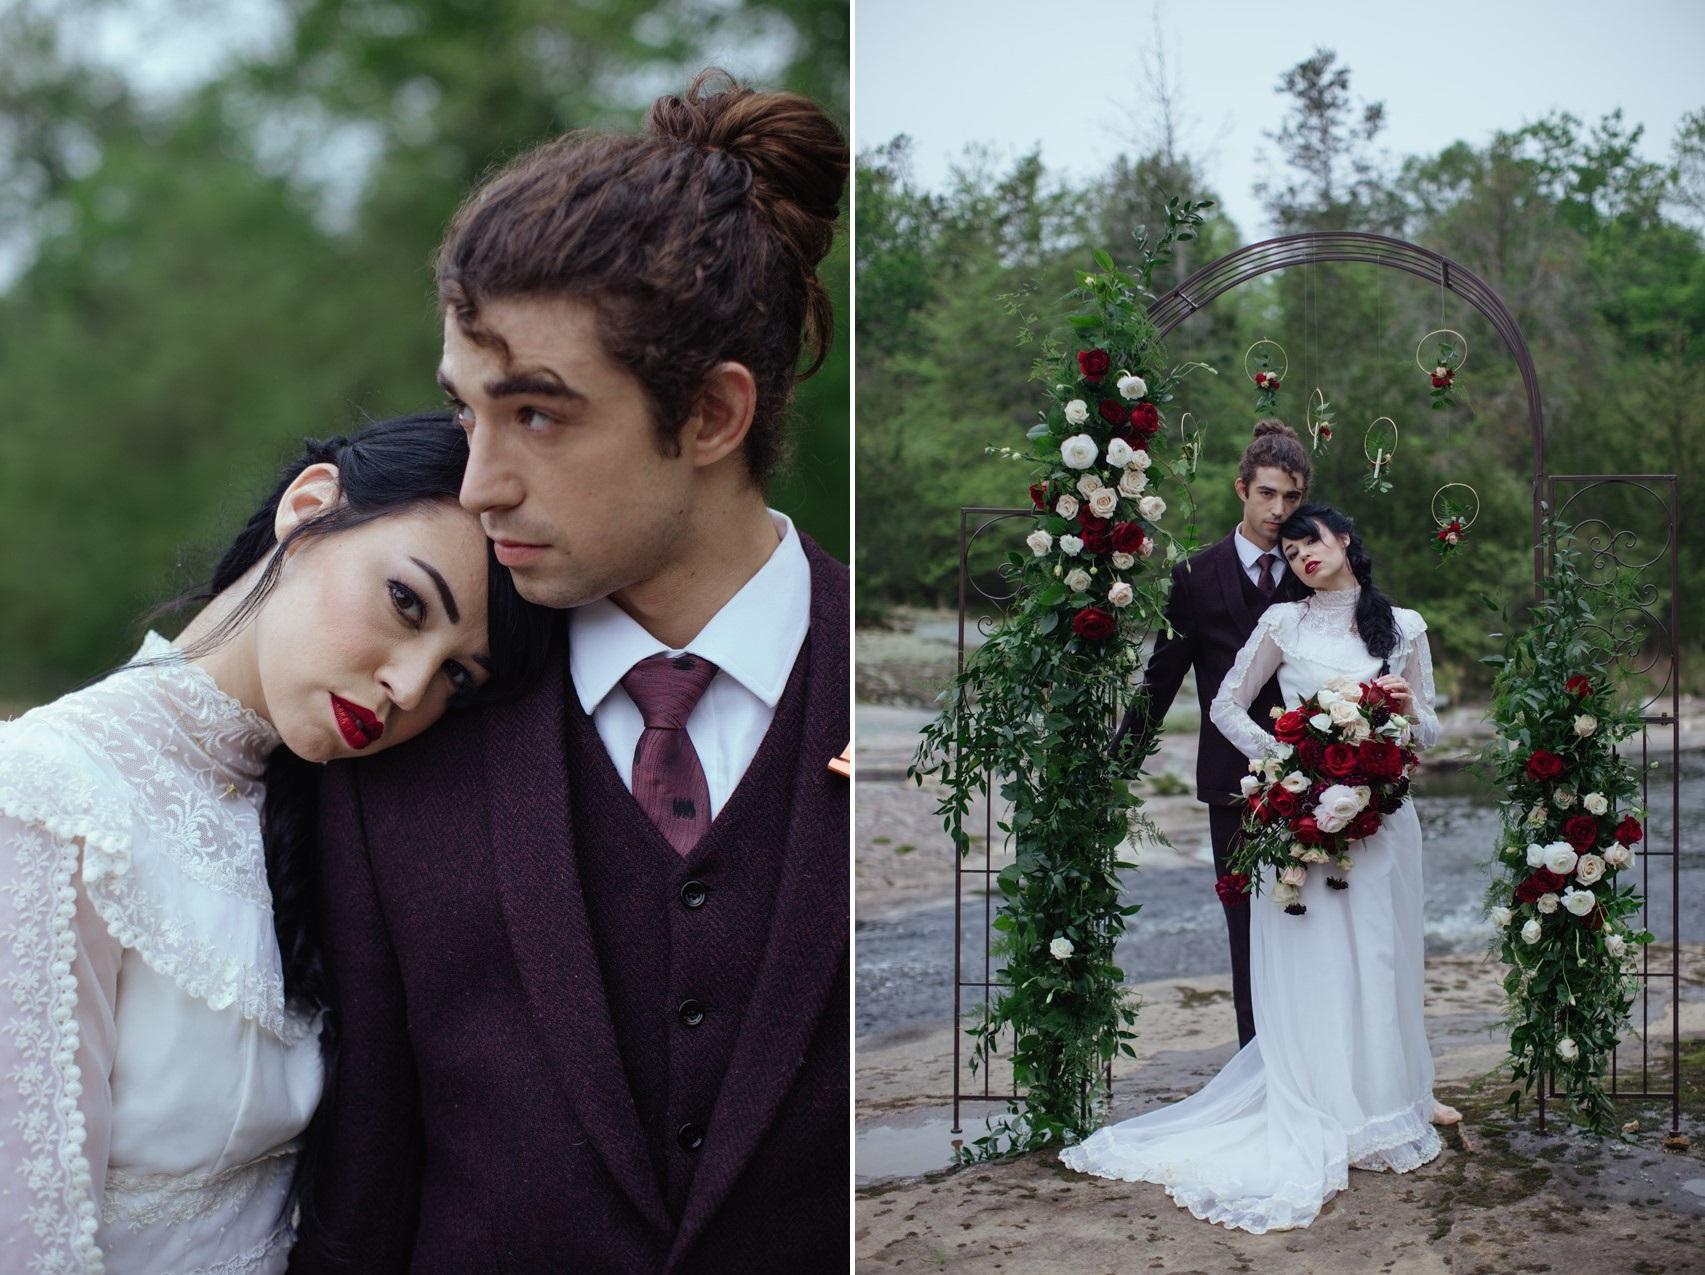 Gothic Romantic Bride & Groom